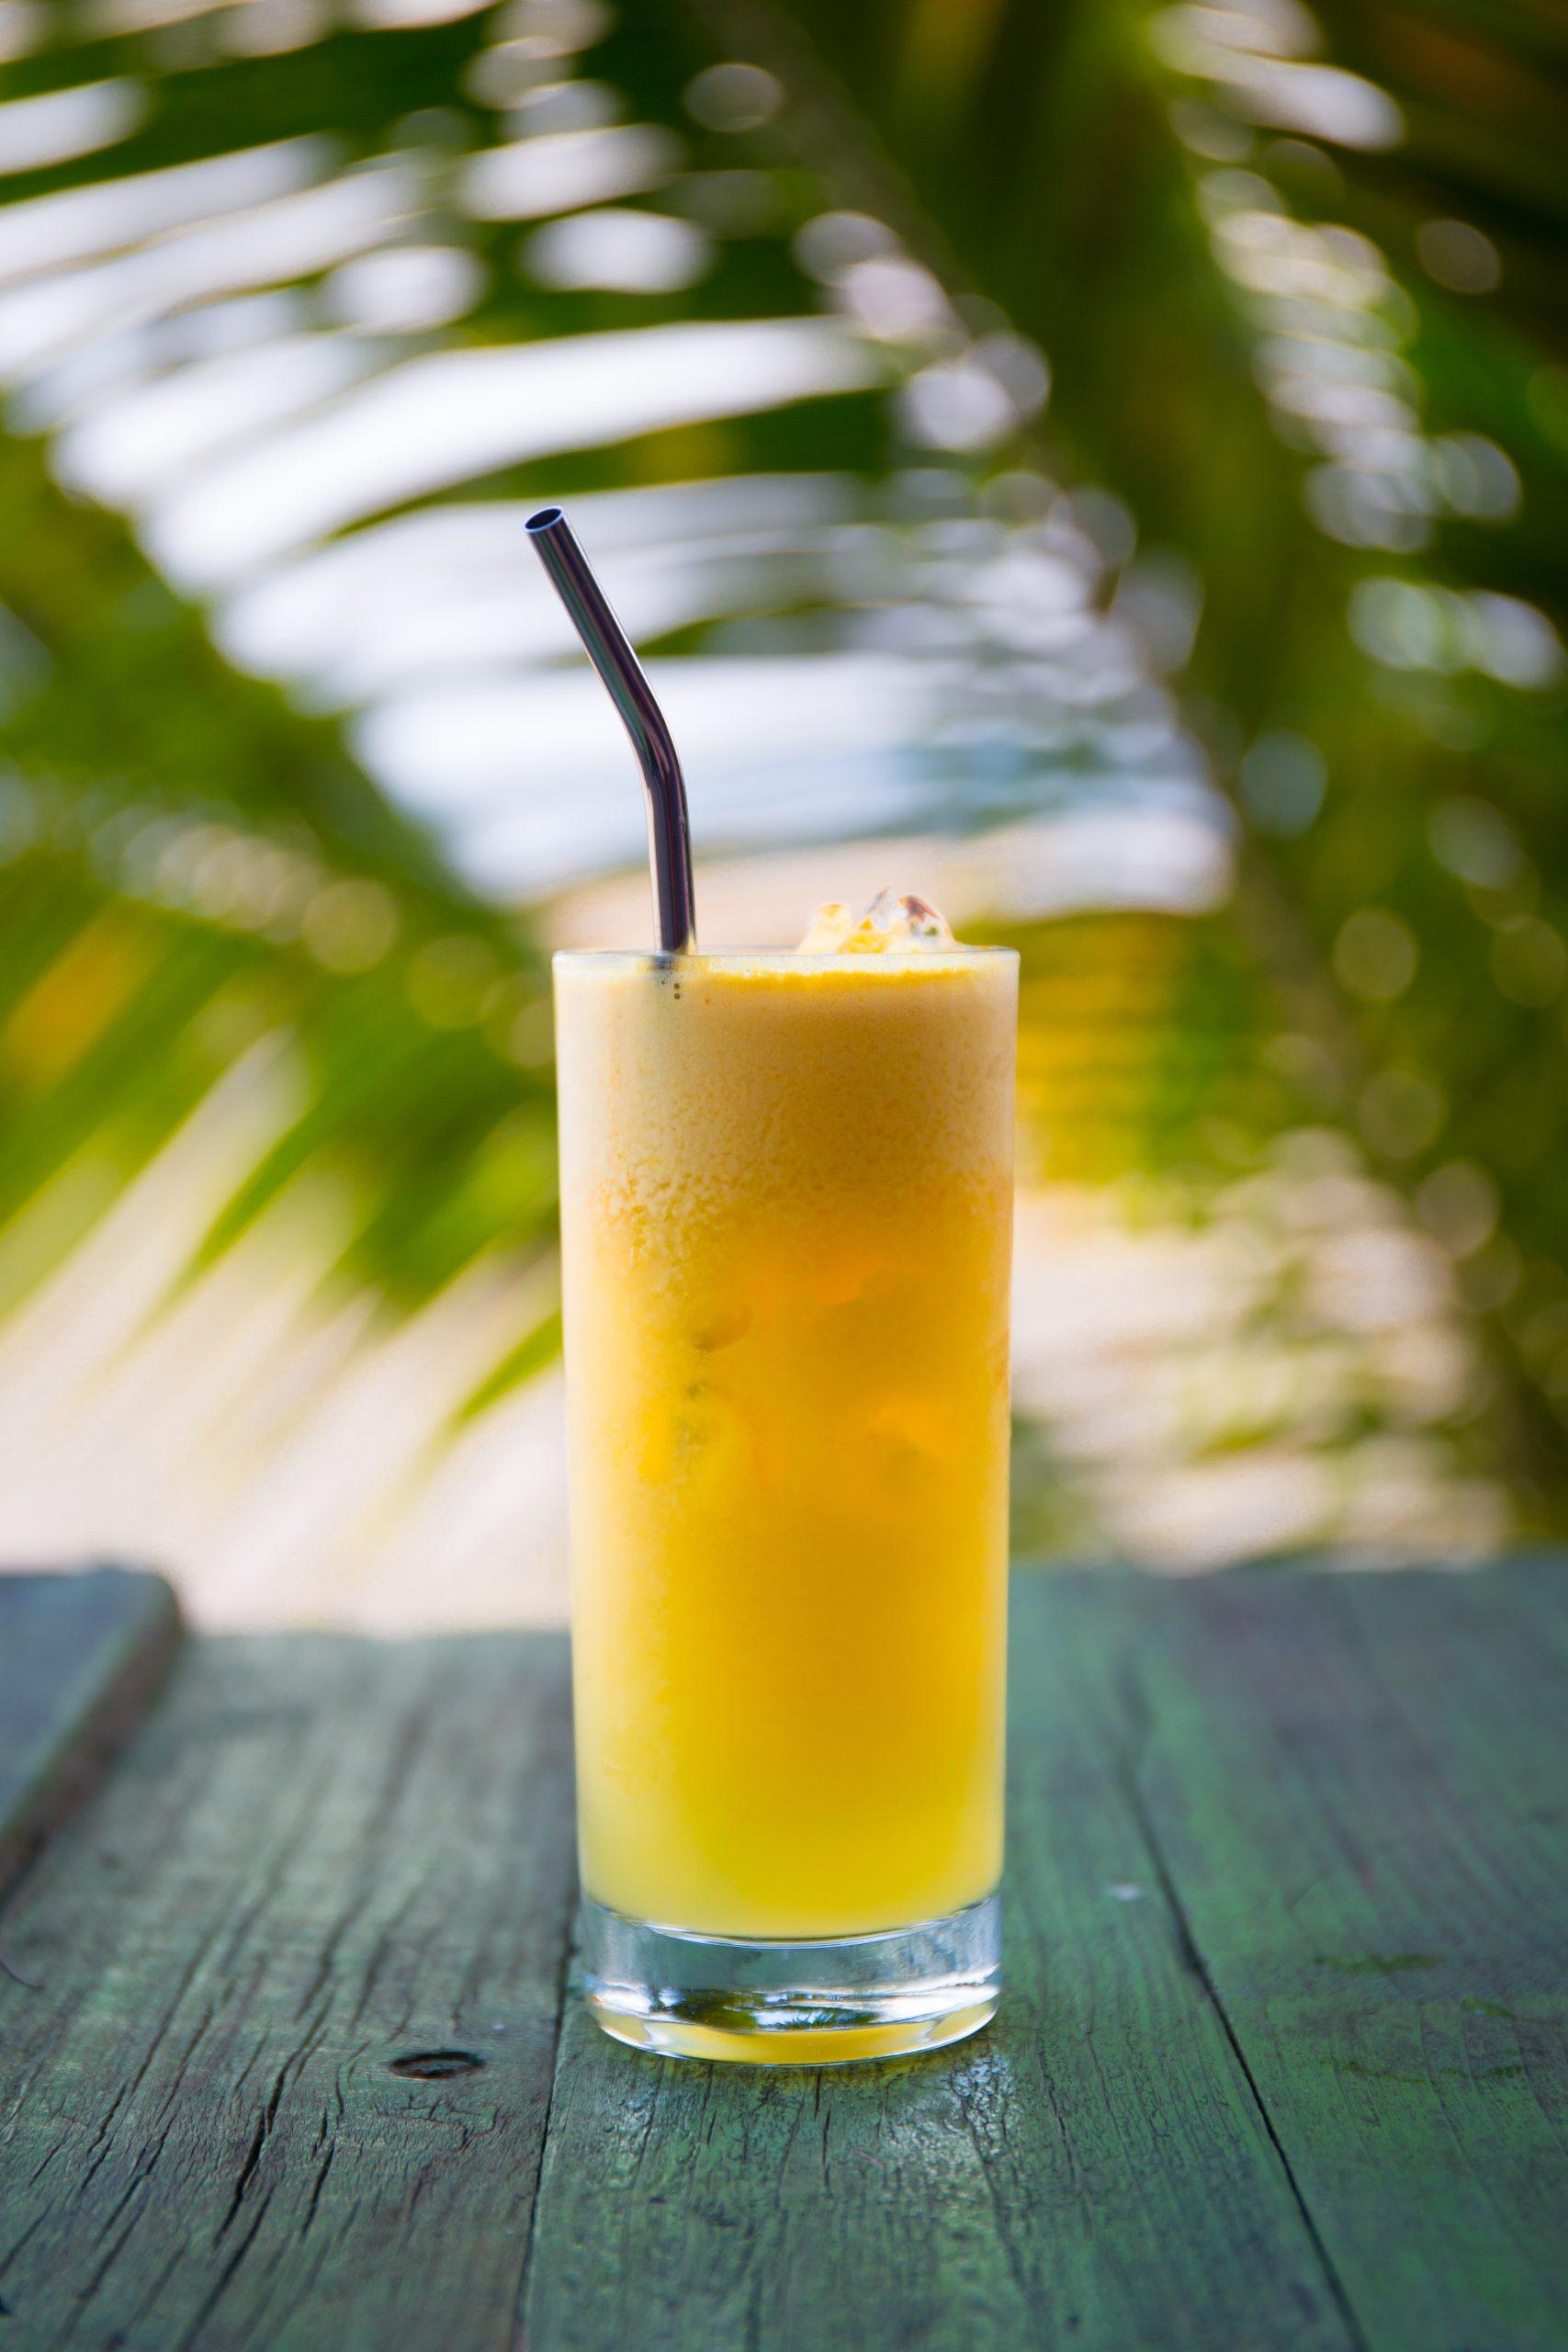 zumo de naranja natural con hielo